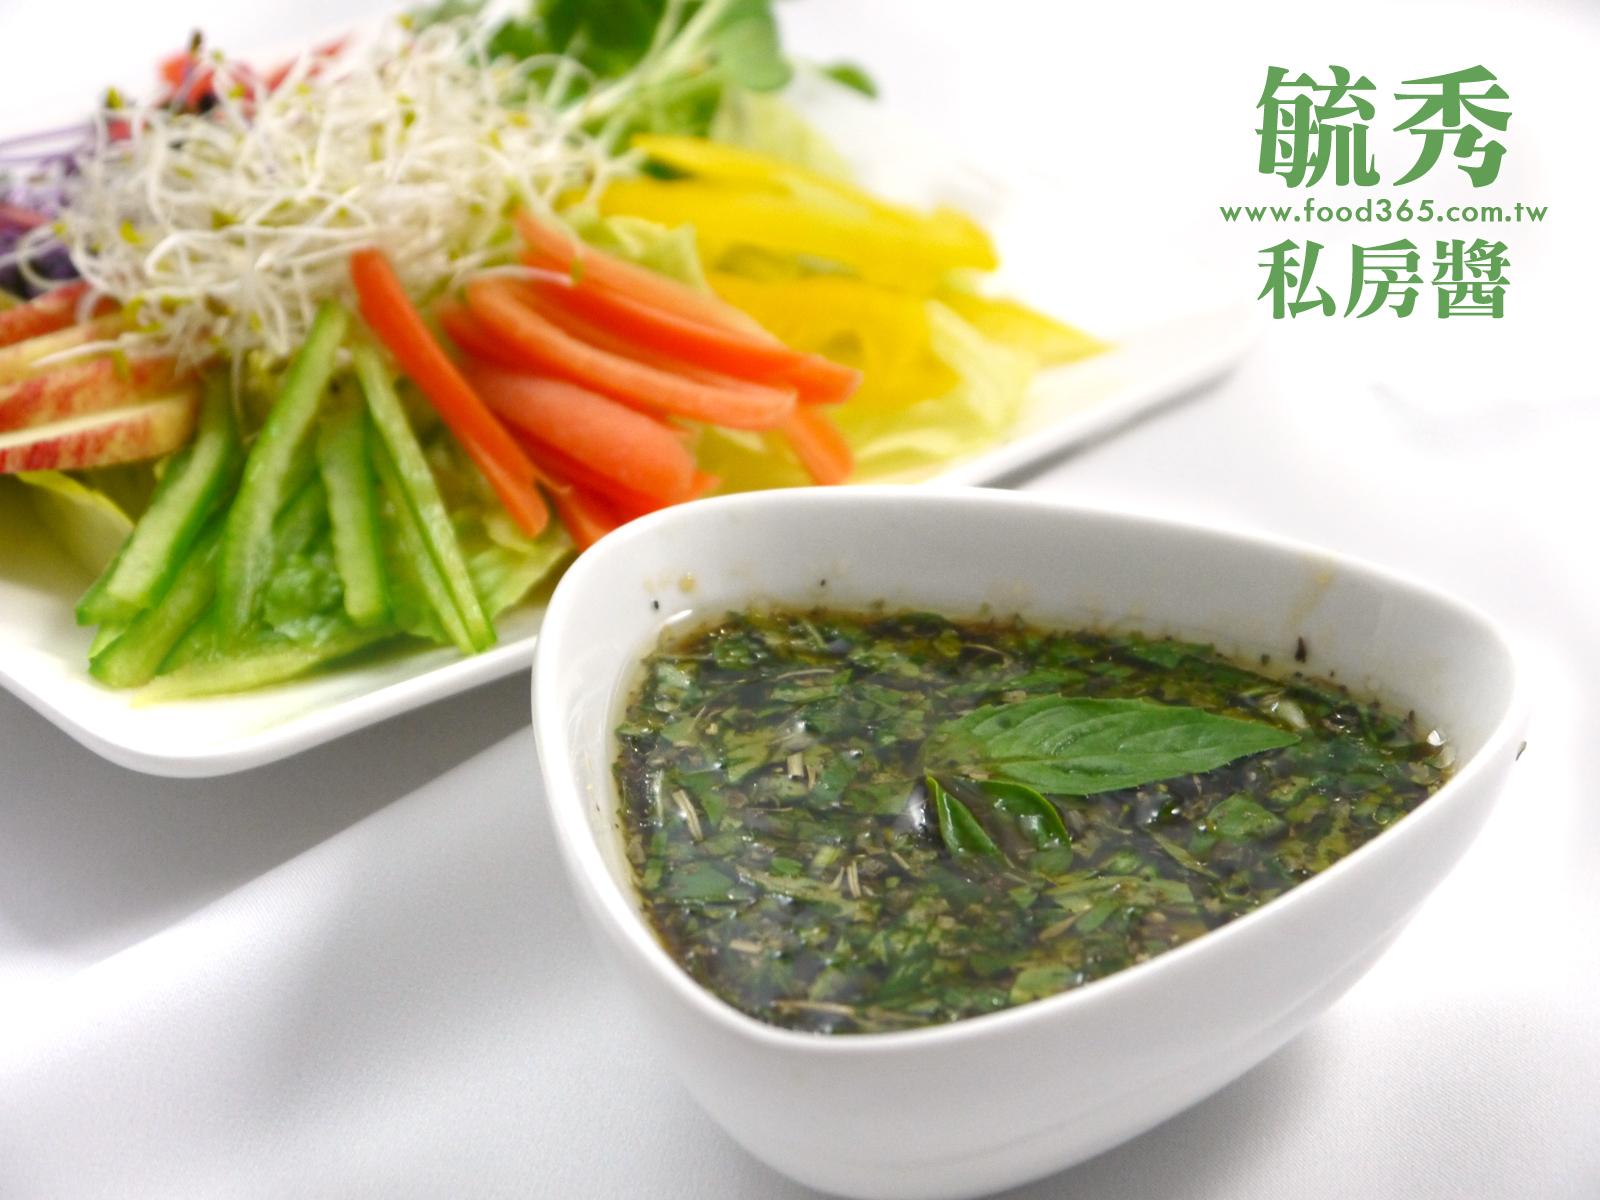 純素-法式油醋沙拉【和風柚香醬】